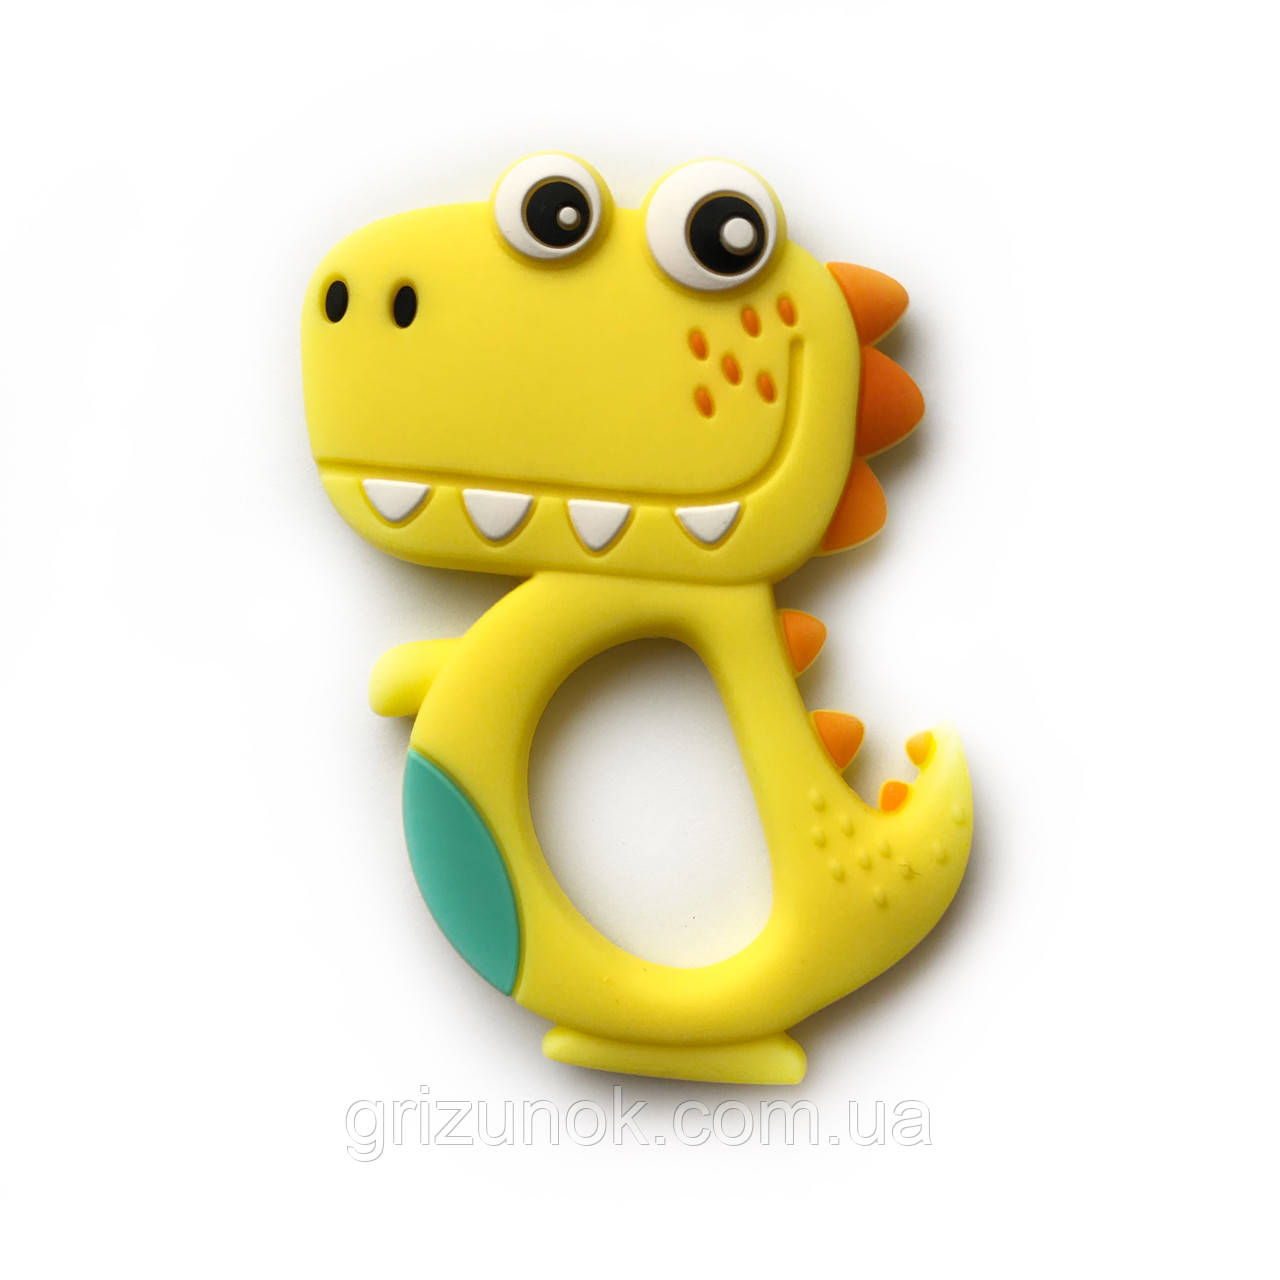 Динозавр новый (желтый)